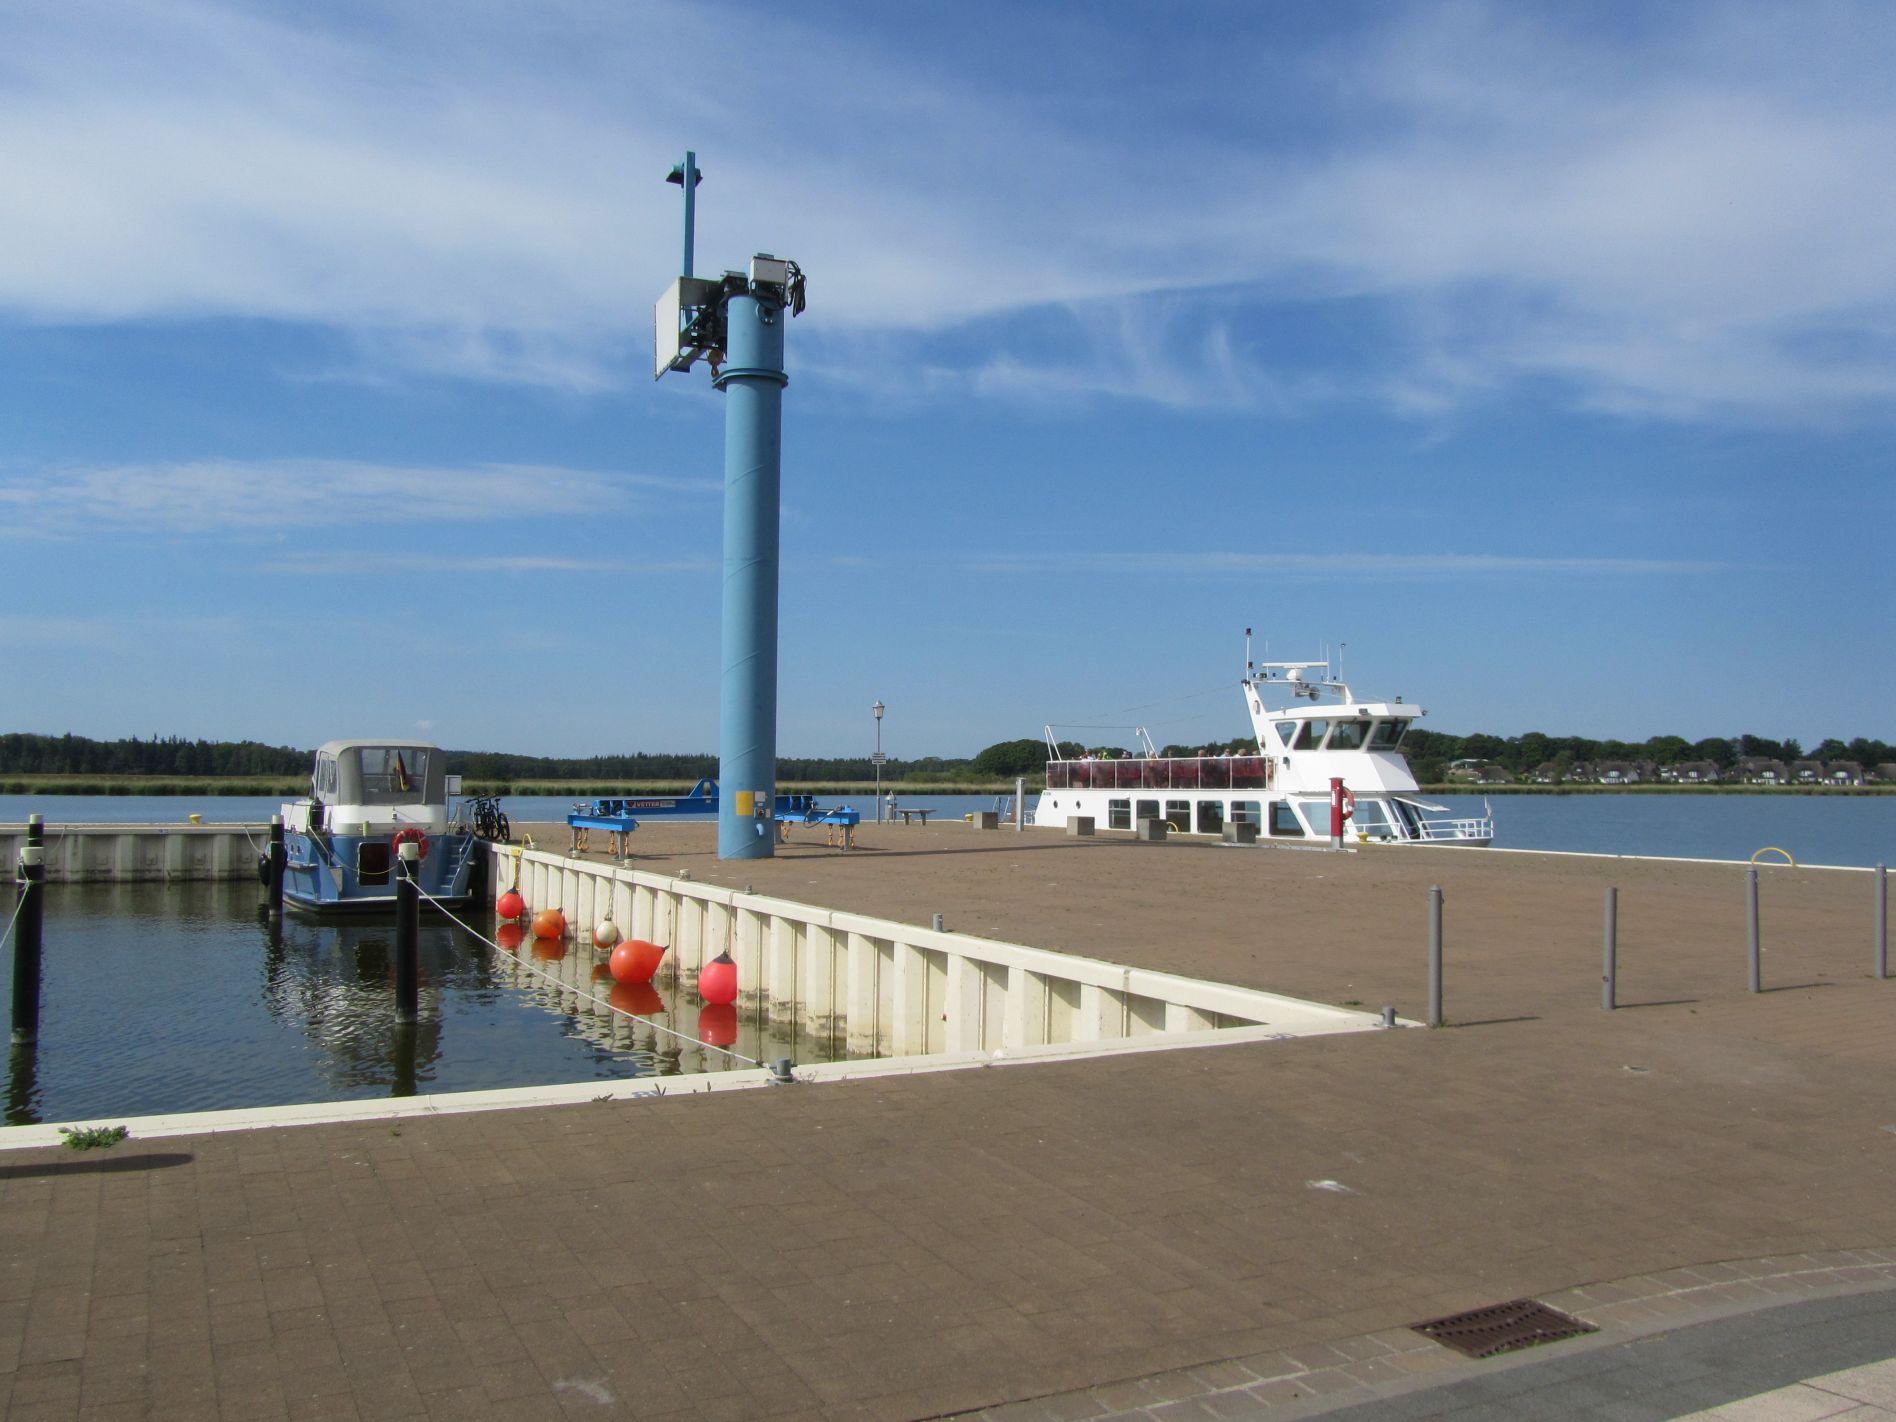 Kran am Hafen Zinnowitz